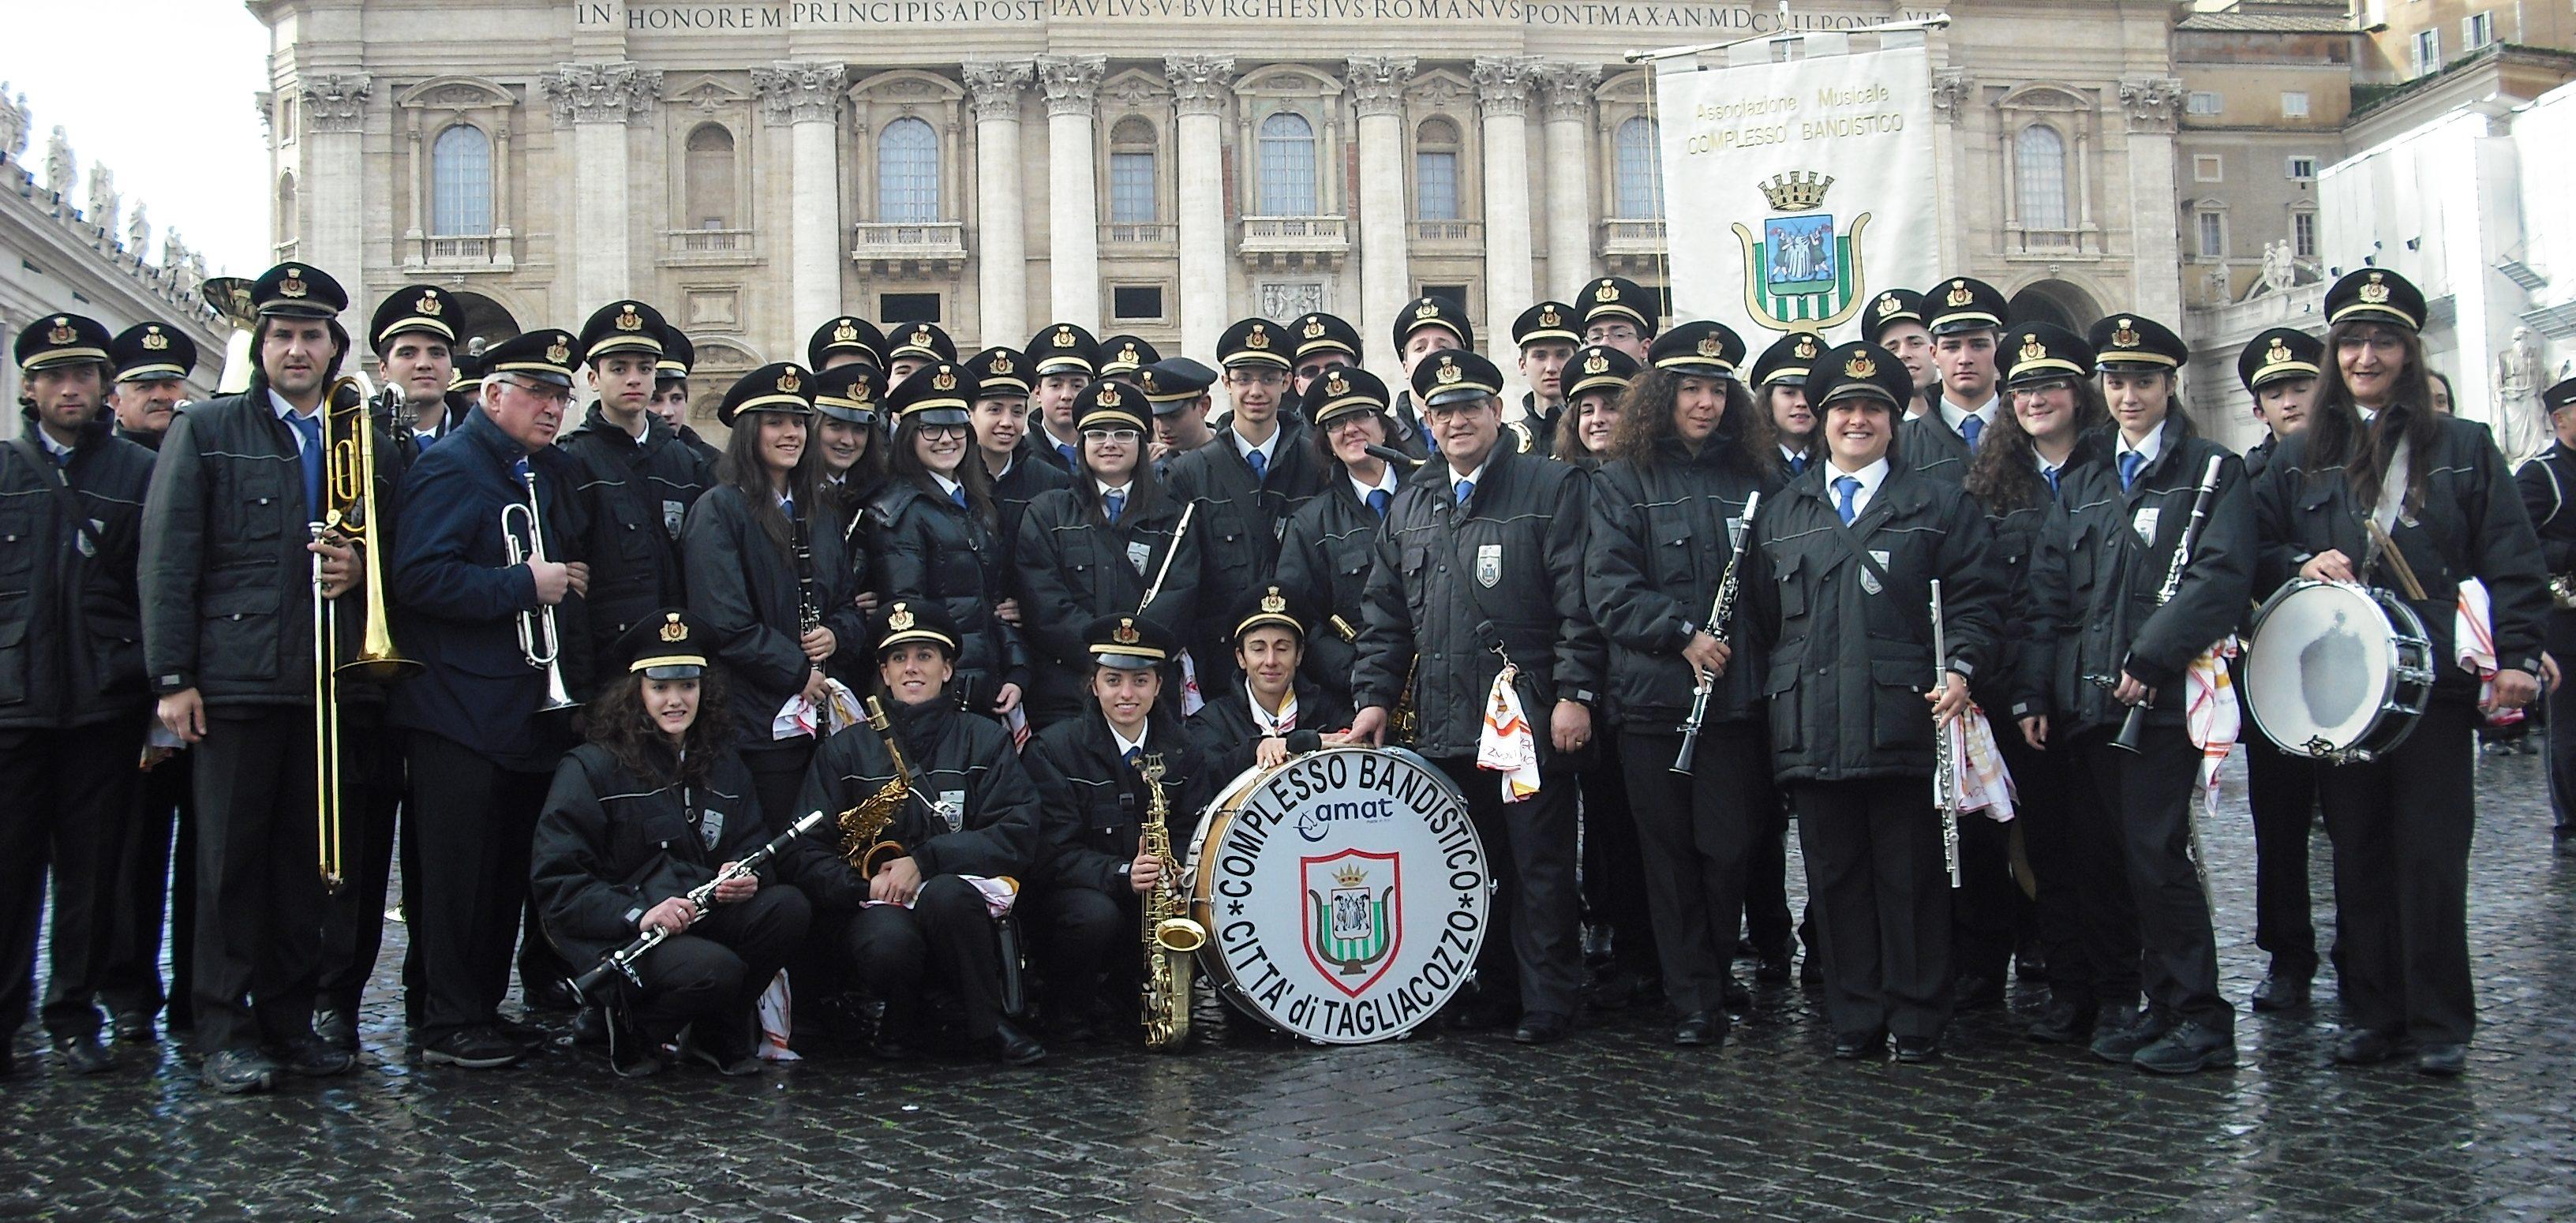 Attesa per l'esibizione in casa del complesso bandistico di Tagliacozzo, appuntamento nella chiesa dell'Annunziata